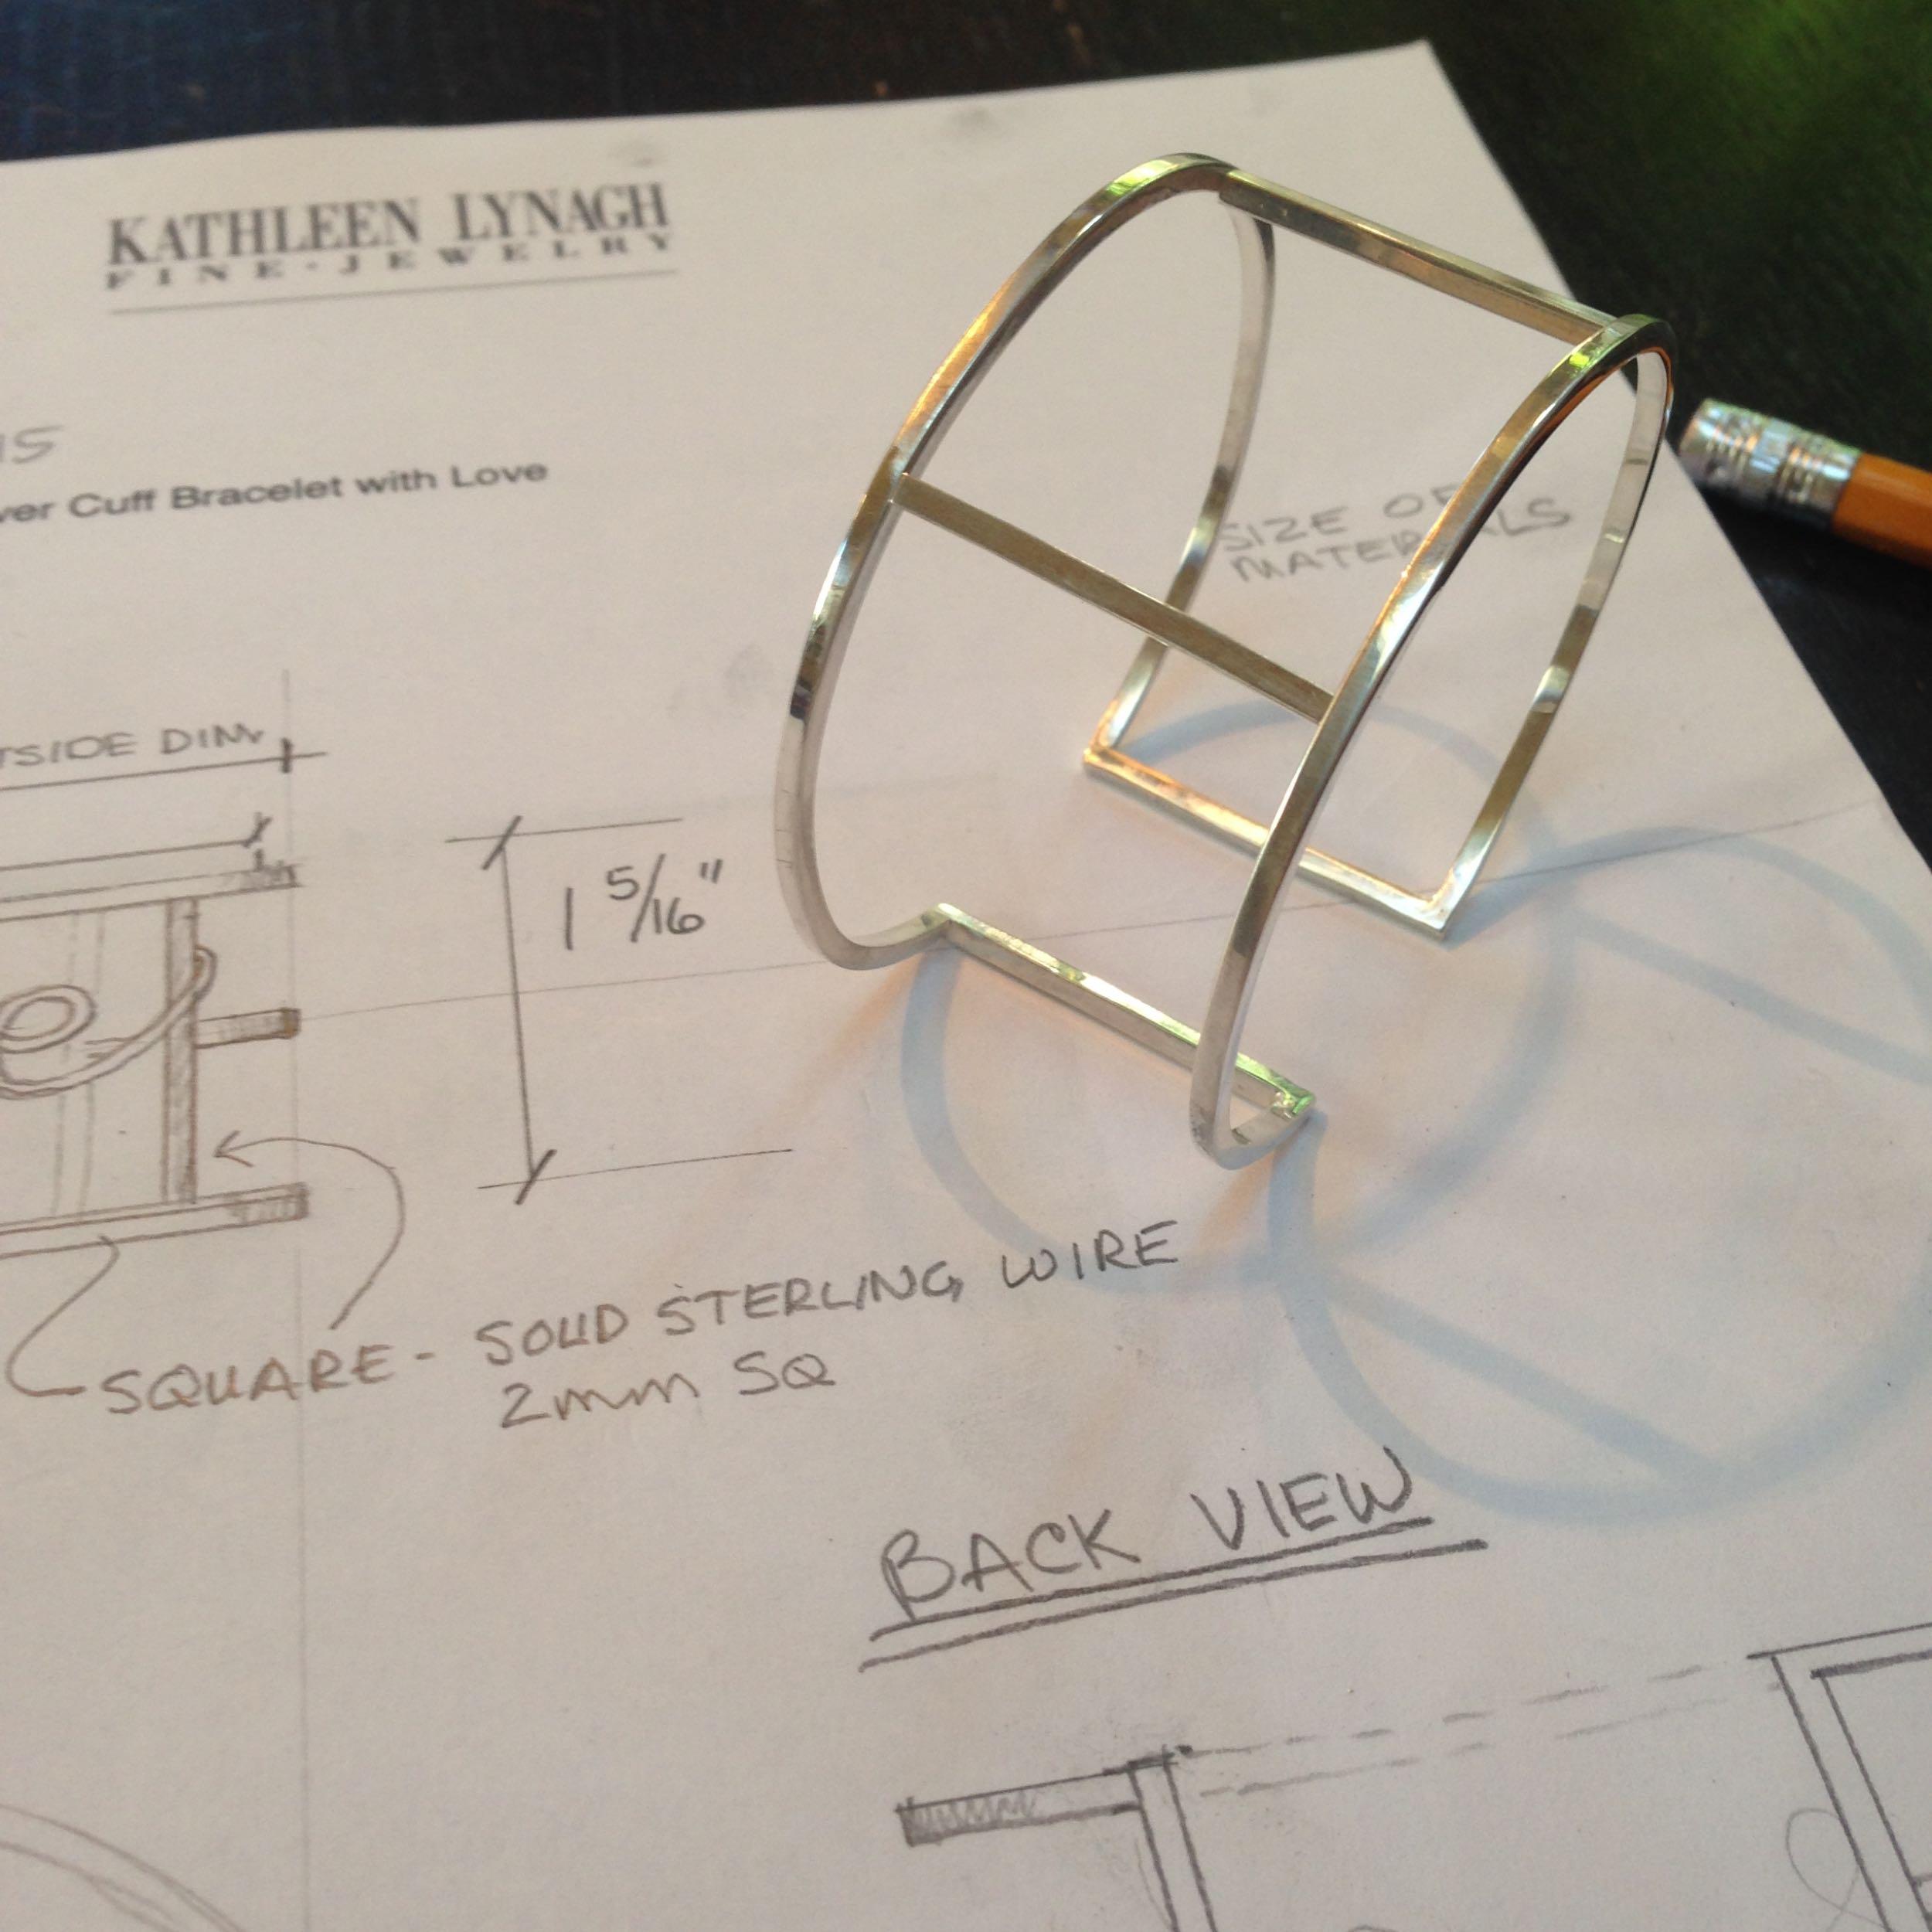 Kathleen Lynagh Designs (4).jpg